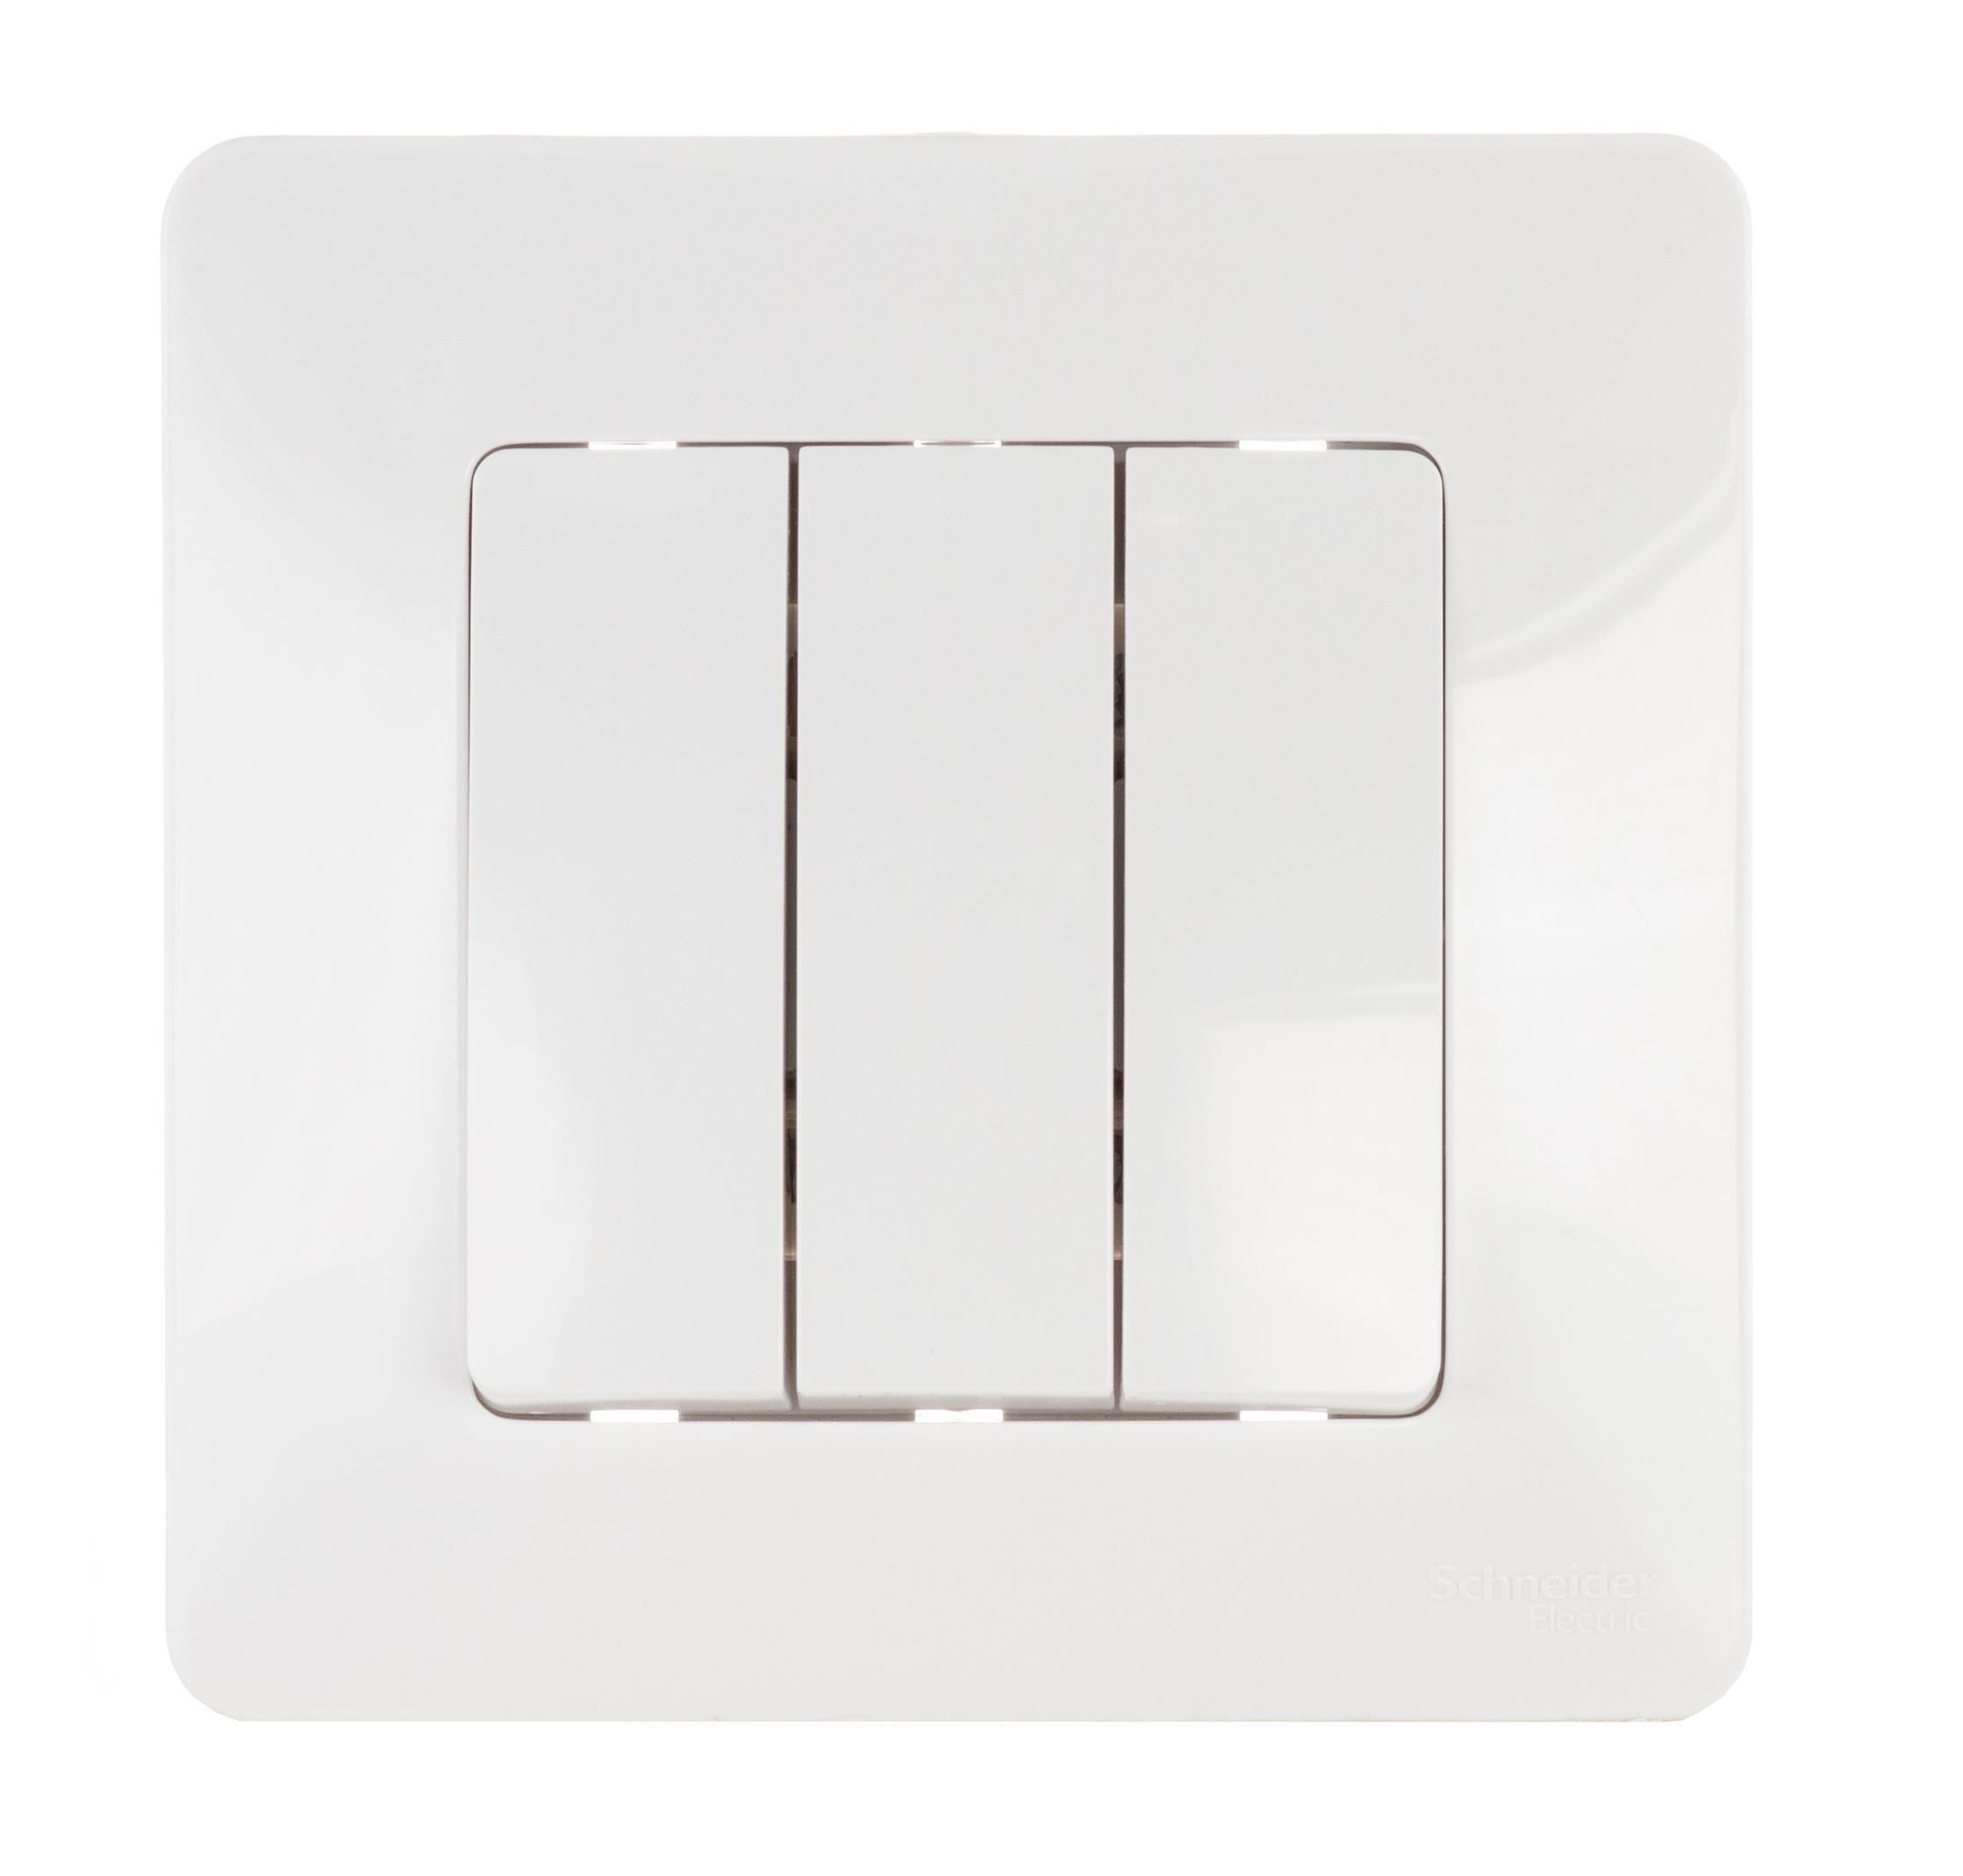 Выключатель Schneider electric Blnvs100501 blanca выключатель schneider electric blnva101013 blanca